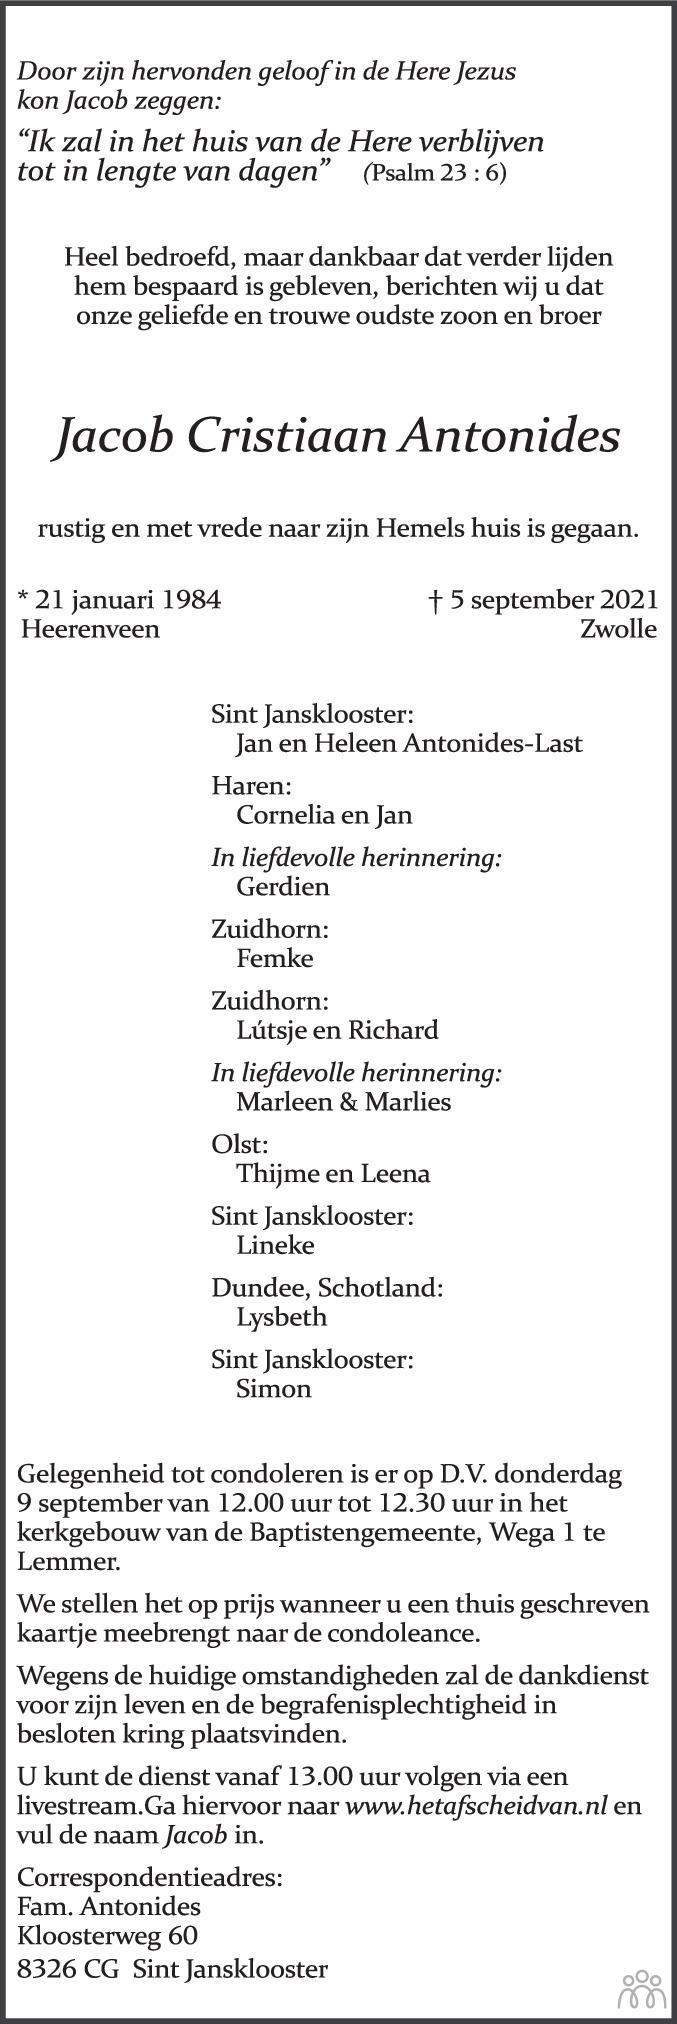 Overlijdensbericht van Jacob Cristiaan Antonides in Leeuwarder Courant